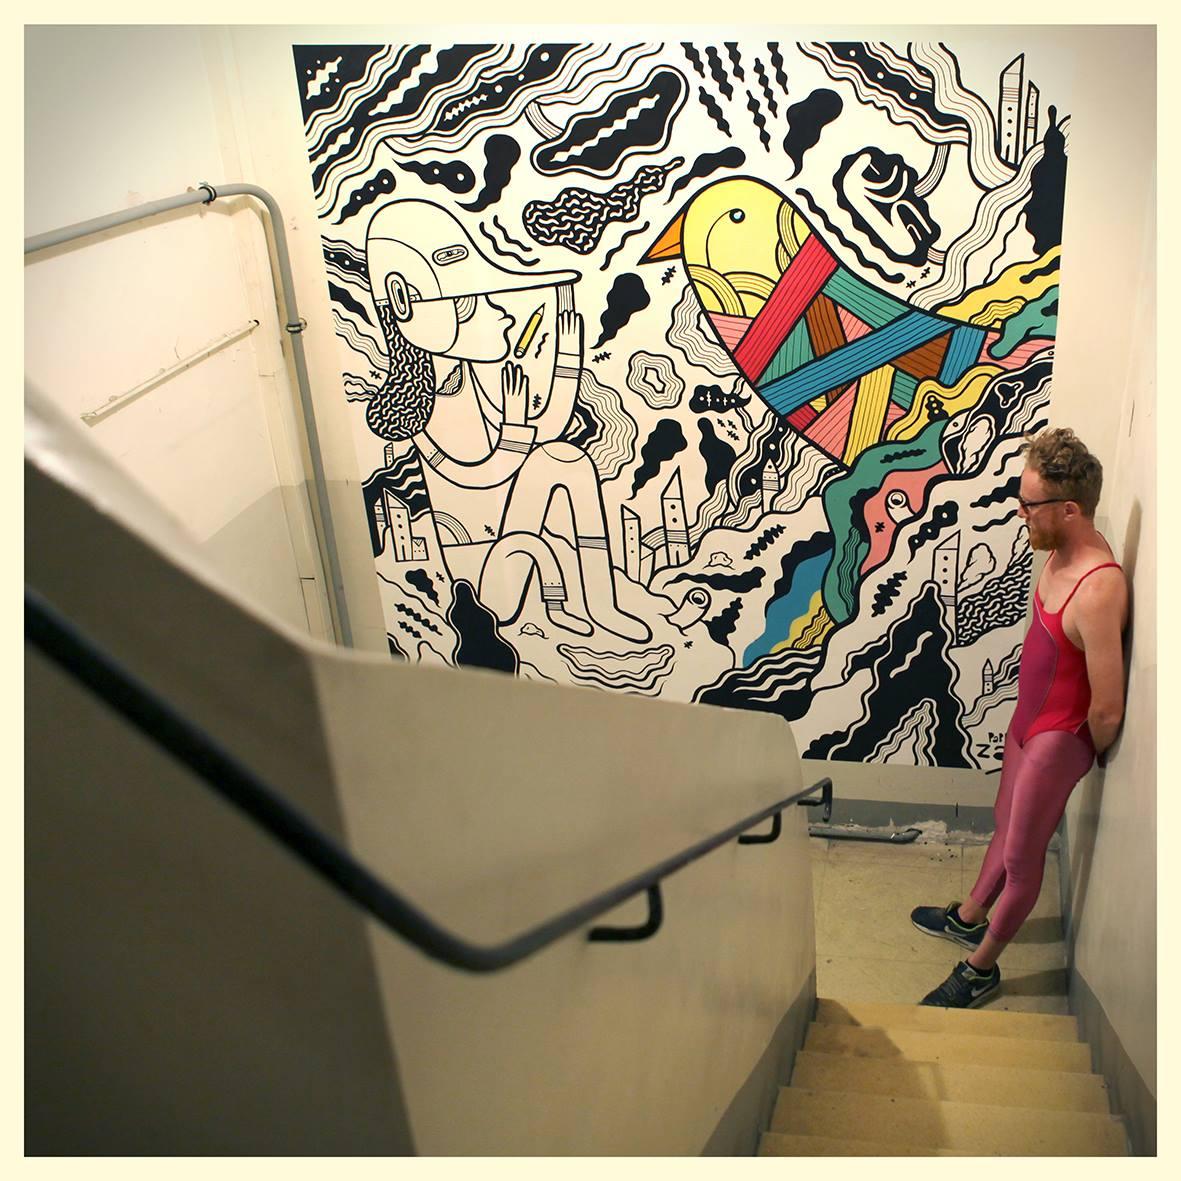 Obra y autor en una exposición en Marsella, Francia. Foto: Franeth Batik